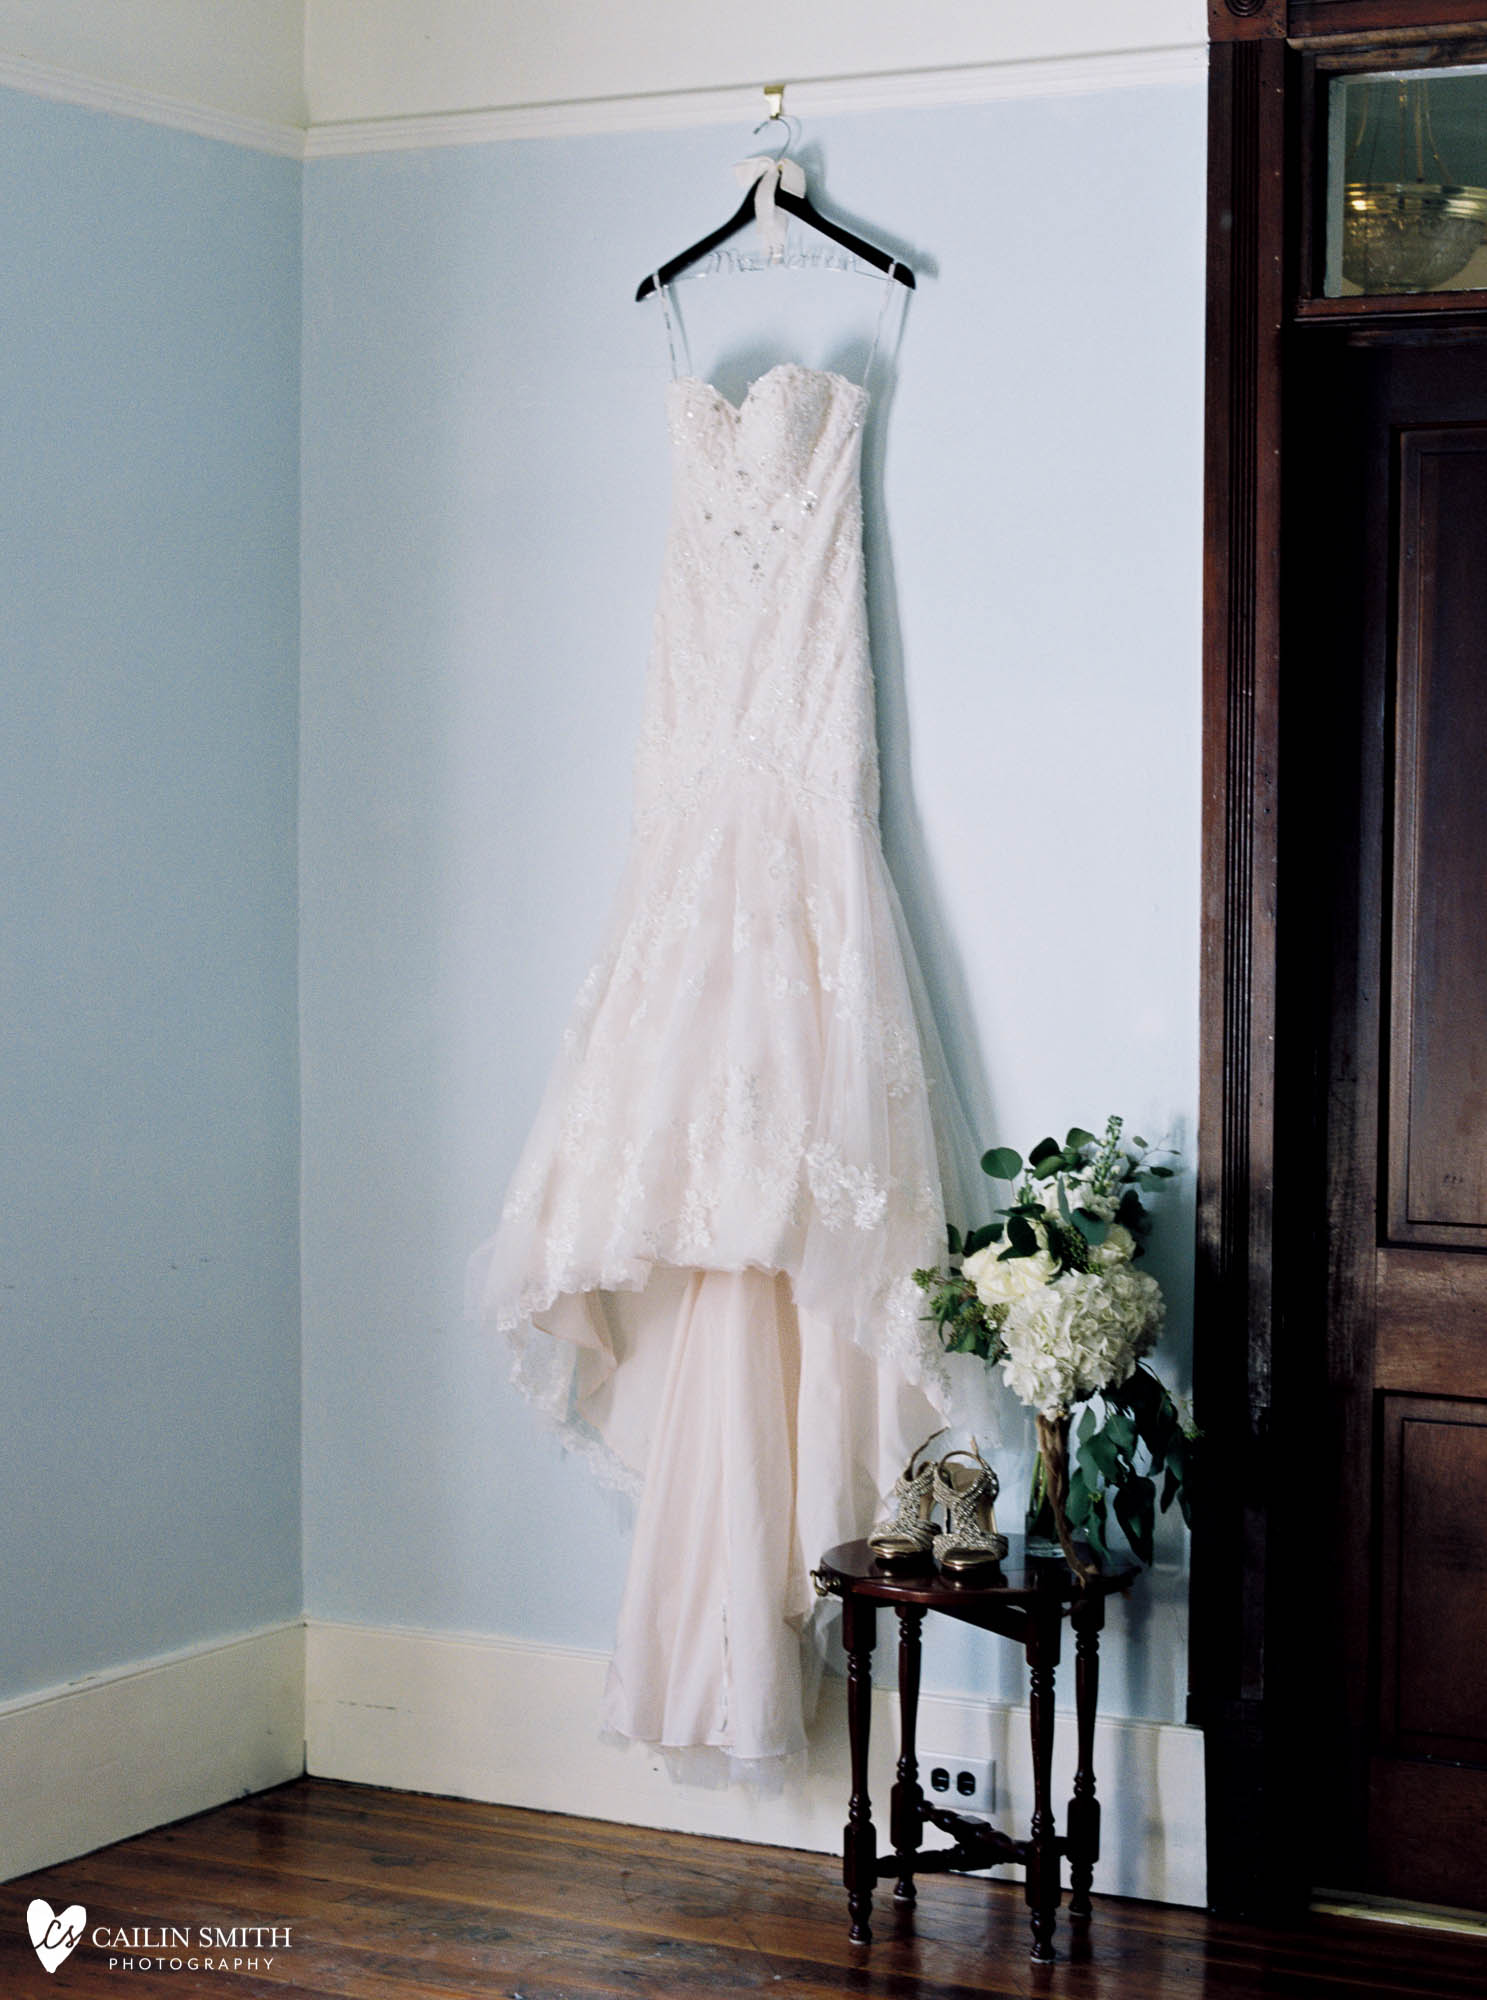 Leah_Major_St_Marys_Wedding_Photography_002.jpg